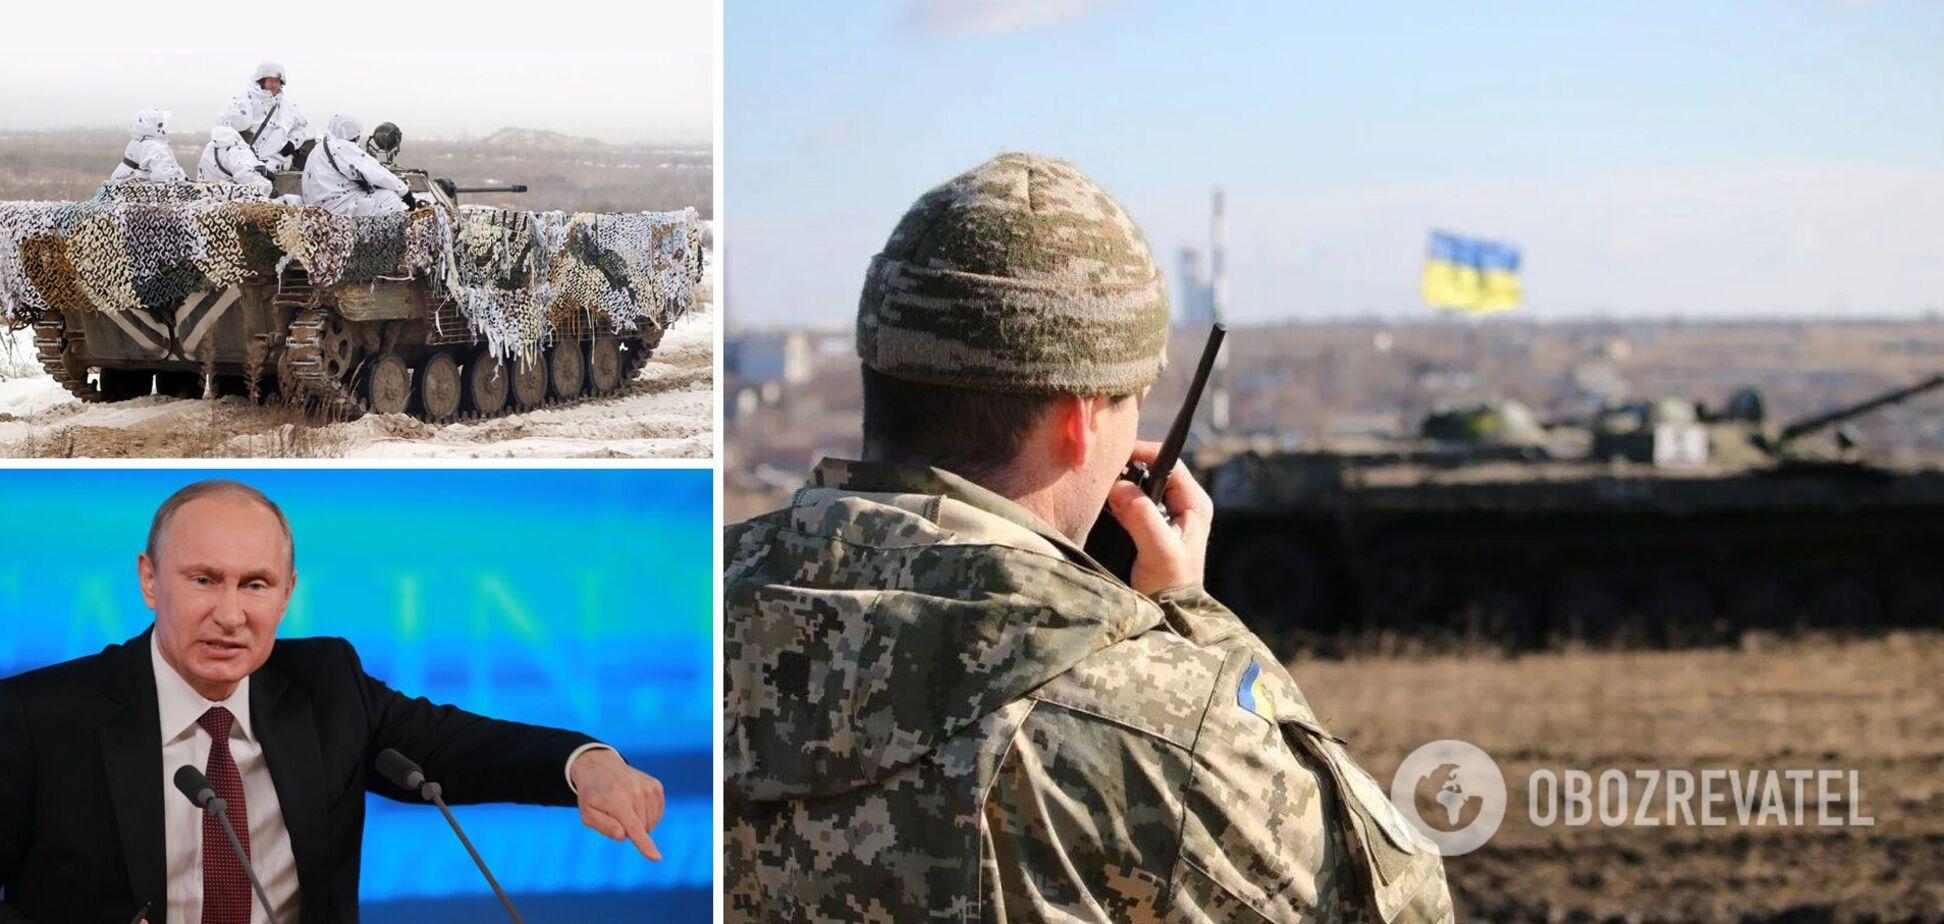 Тука: Путин раздражен, Россия готовится к захвату 'серых зон' на Донбассе